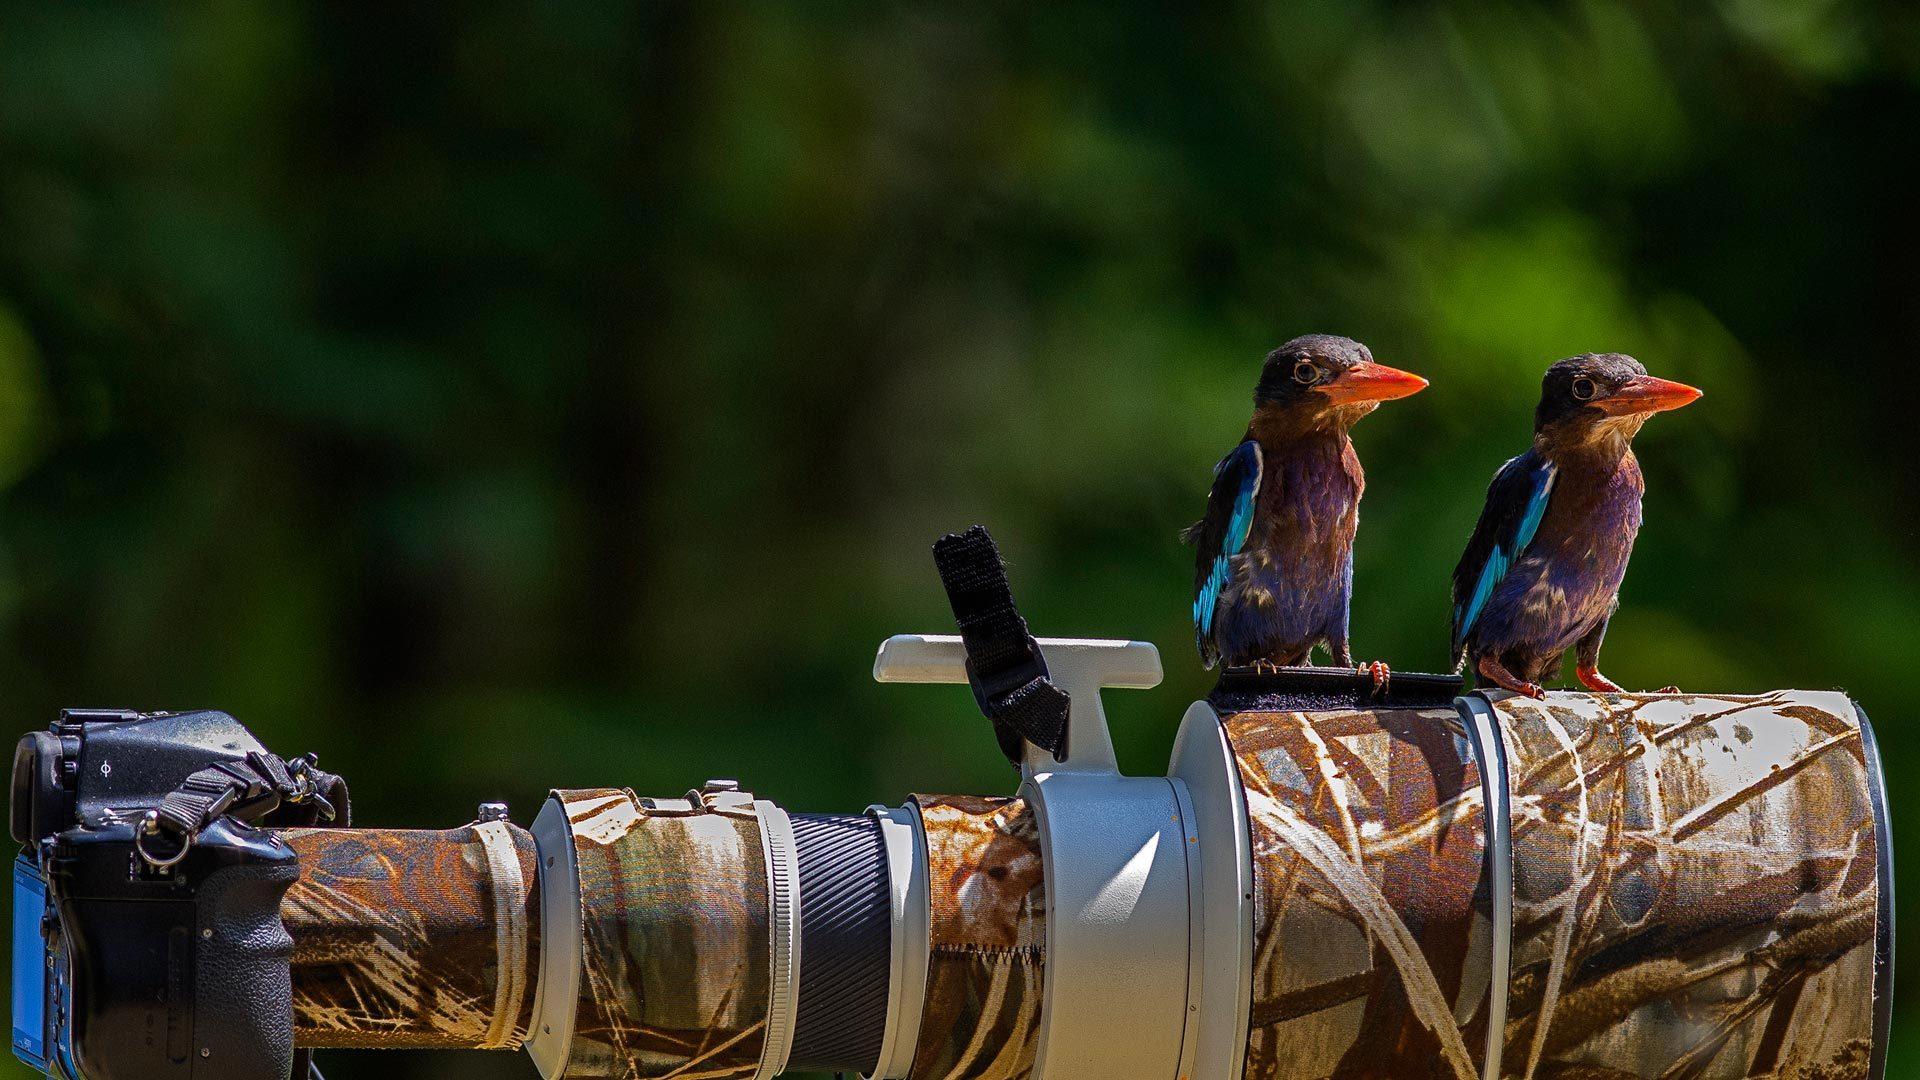 伫立的翠蓝之鸟